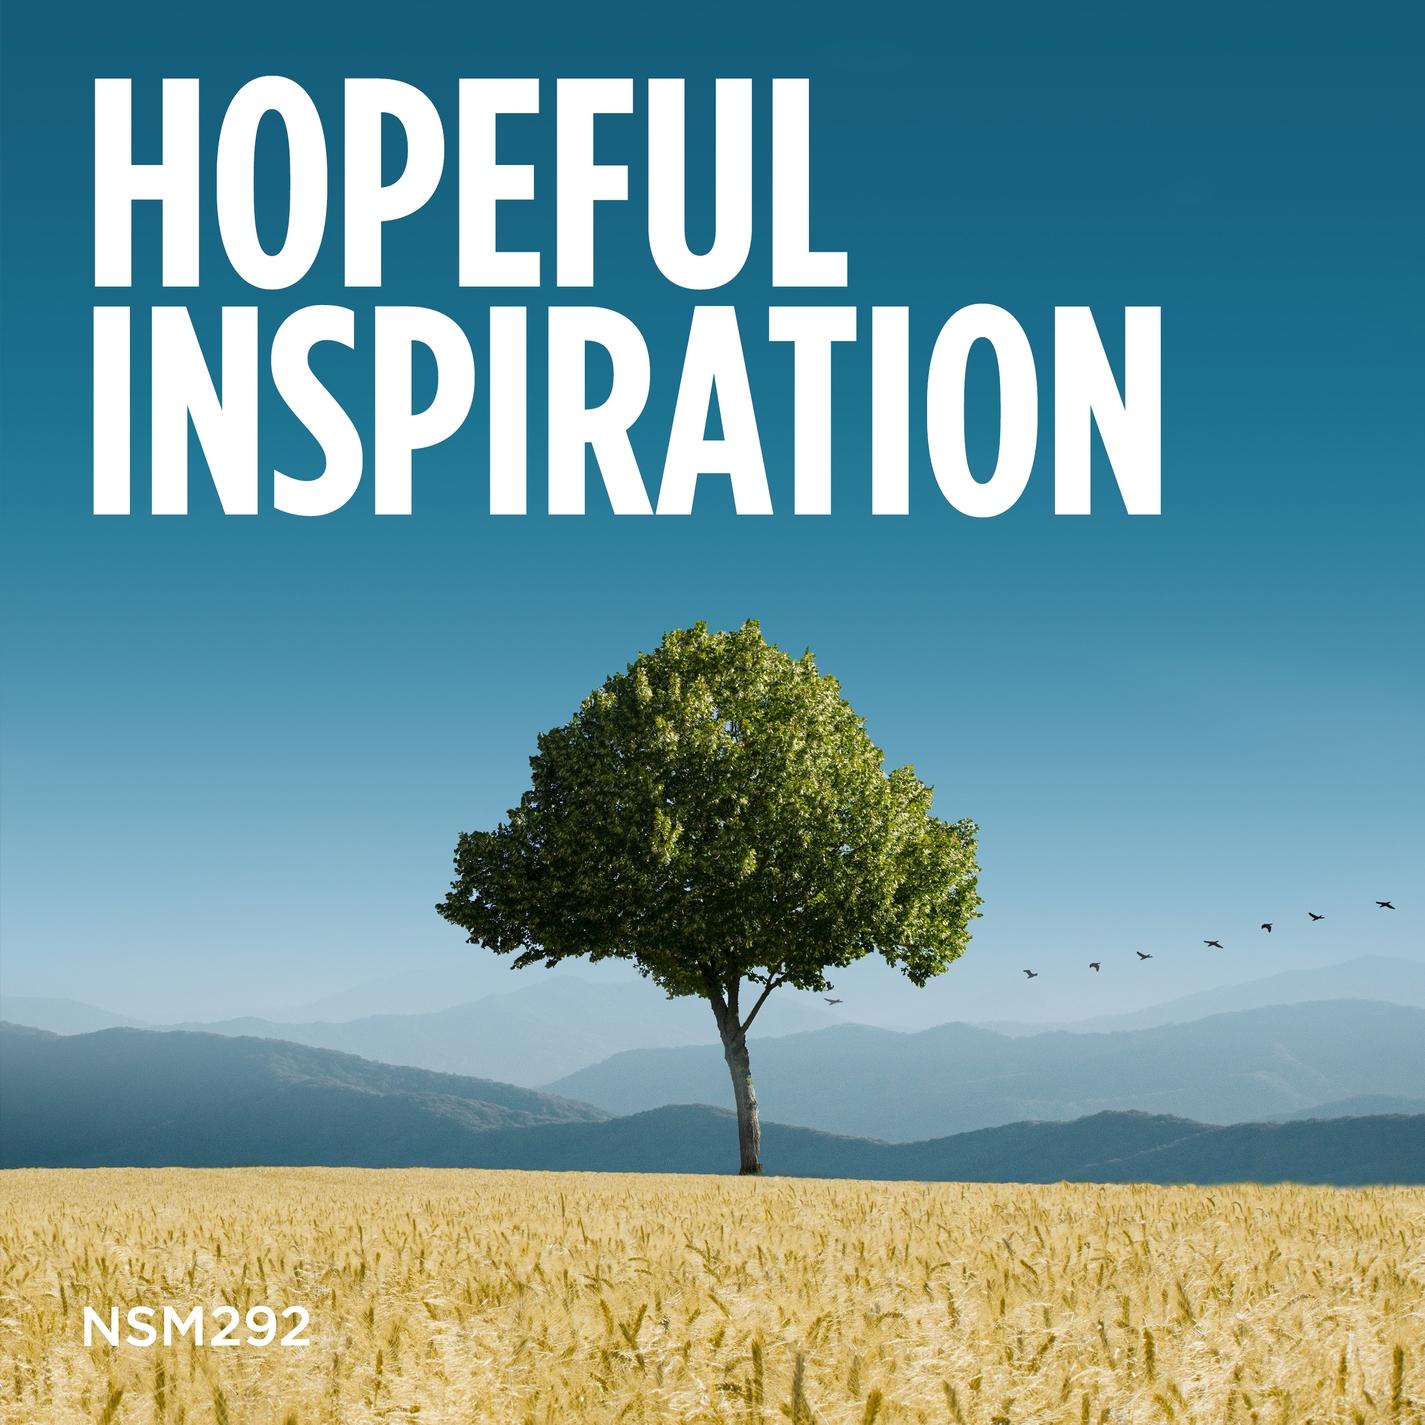 Hopeful Inspiration